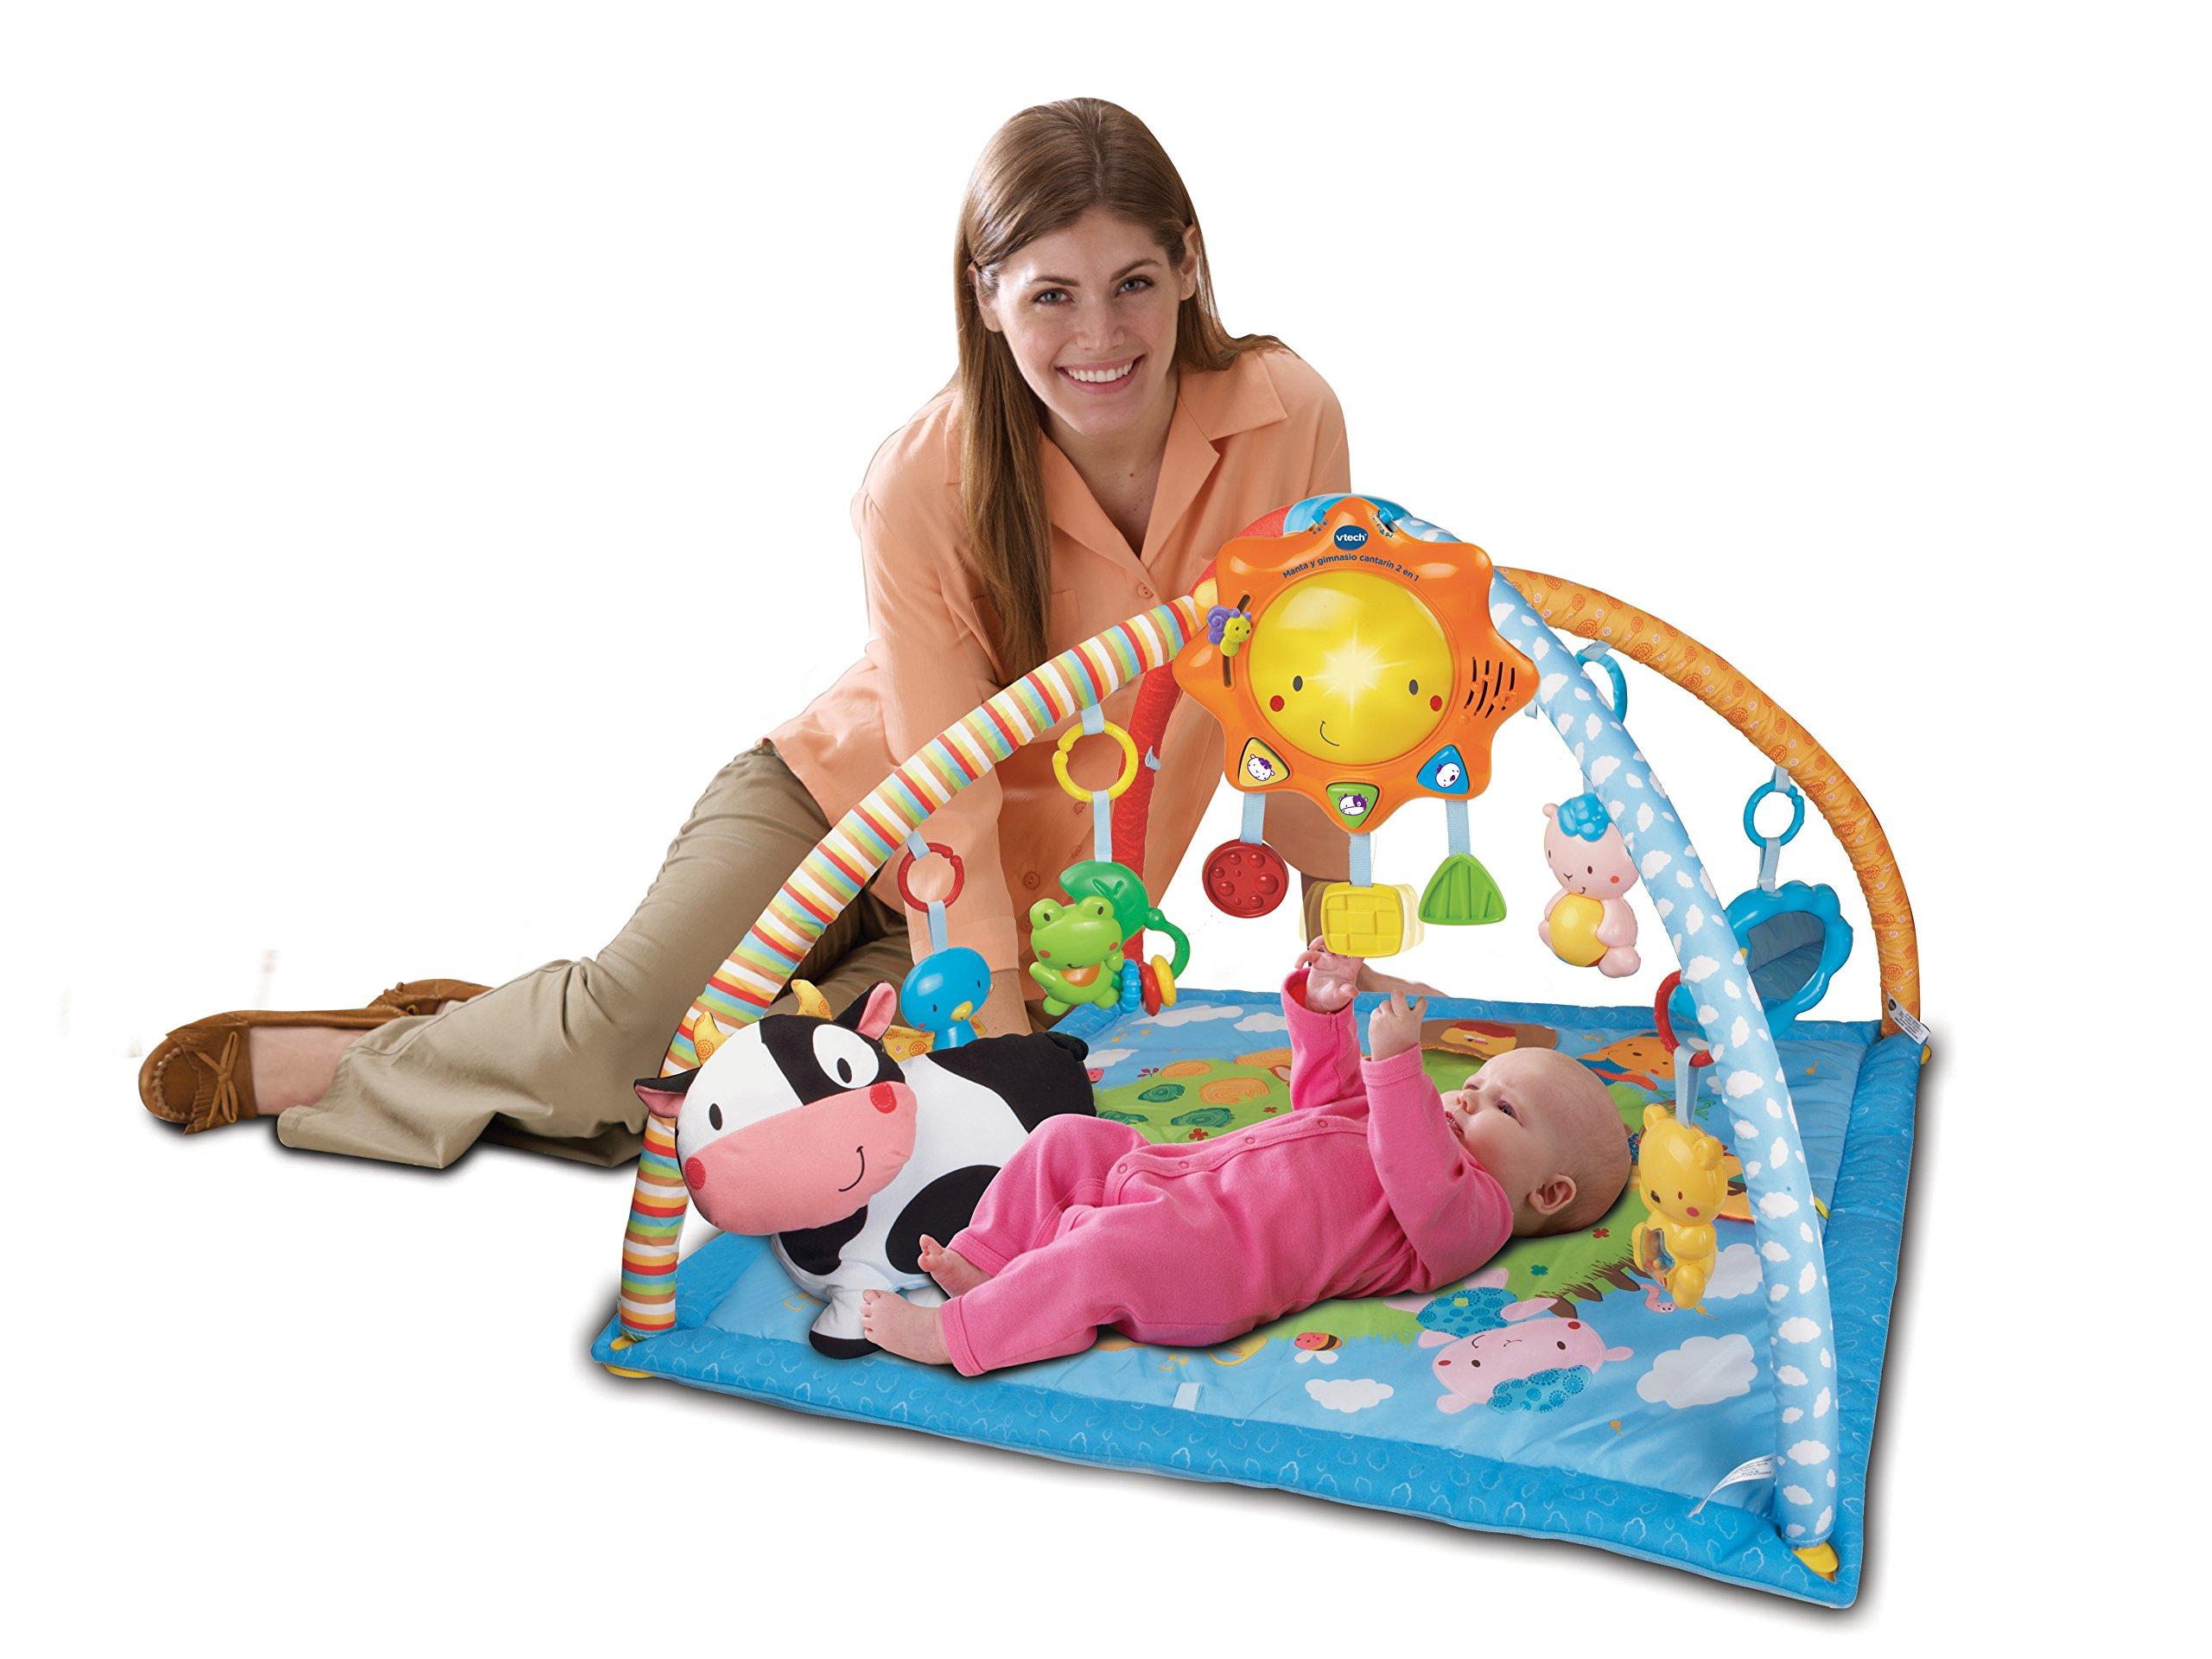 Centro de actividades VTech Baby gimnasio figuras móviles